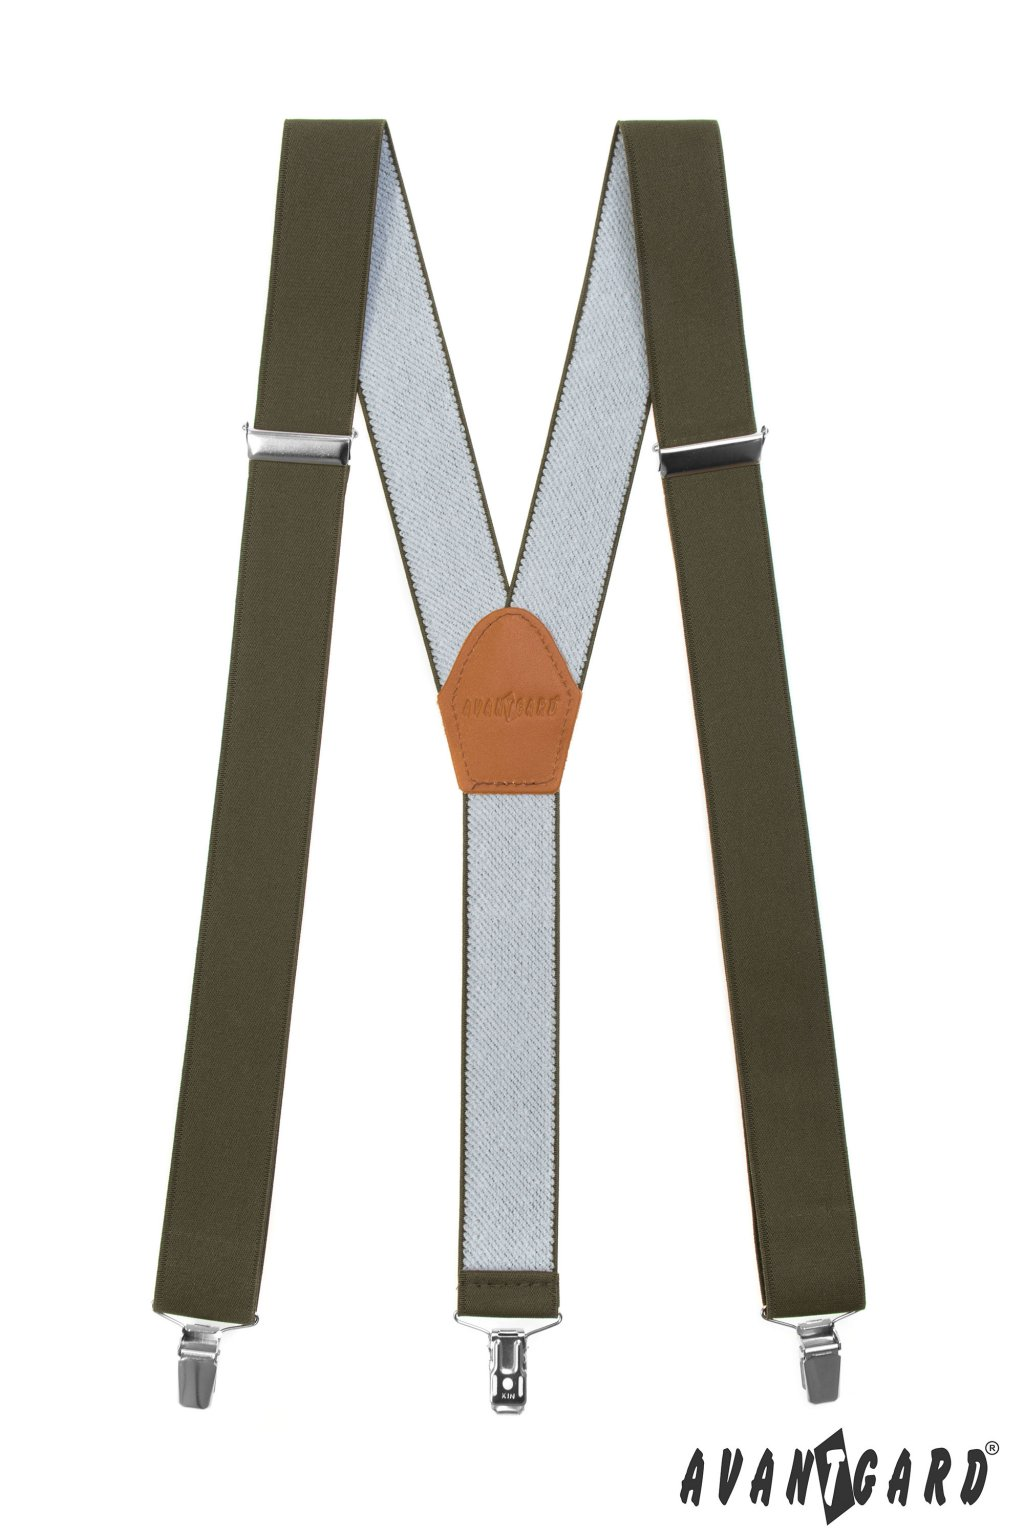 Šle Y s koženým středem a zapínáním na klipy - 35 mm, 856-4869, Khaki, koňaková kůže